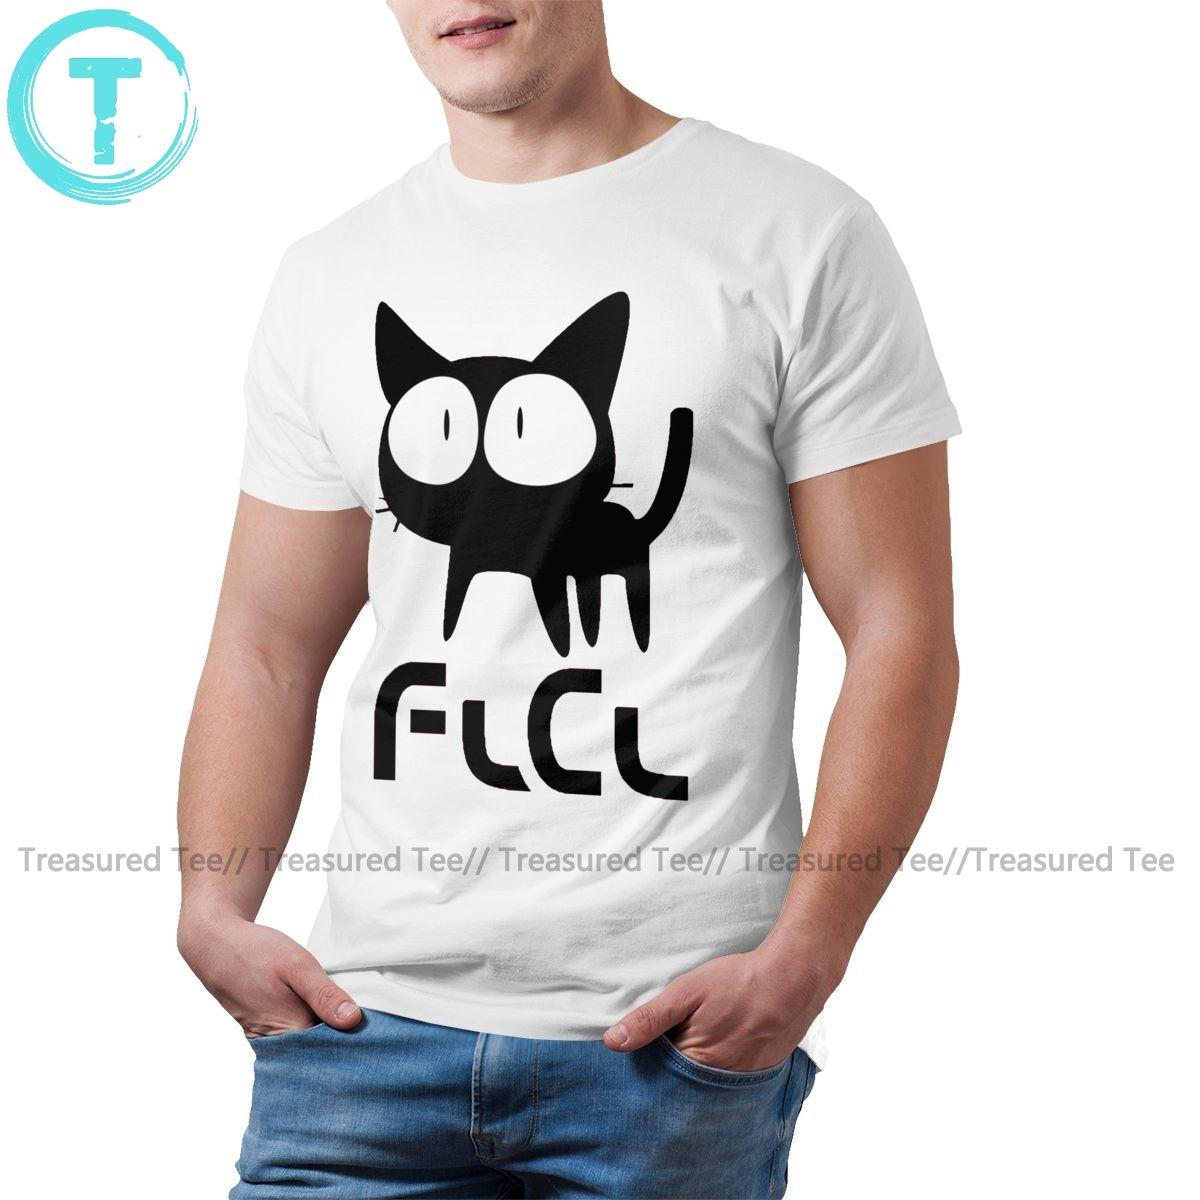 Giappone Cat maglietta flcl CAT T-shirt XXX Carino Tee Shirt Uomo Moda maniche corte stampato maglietta